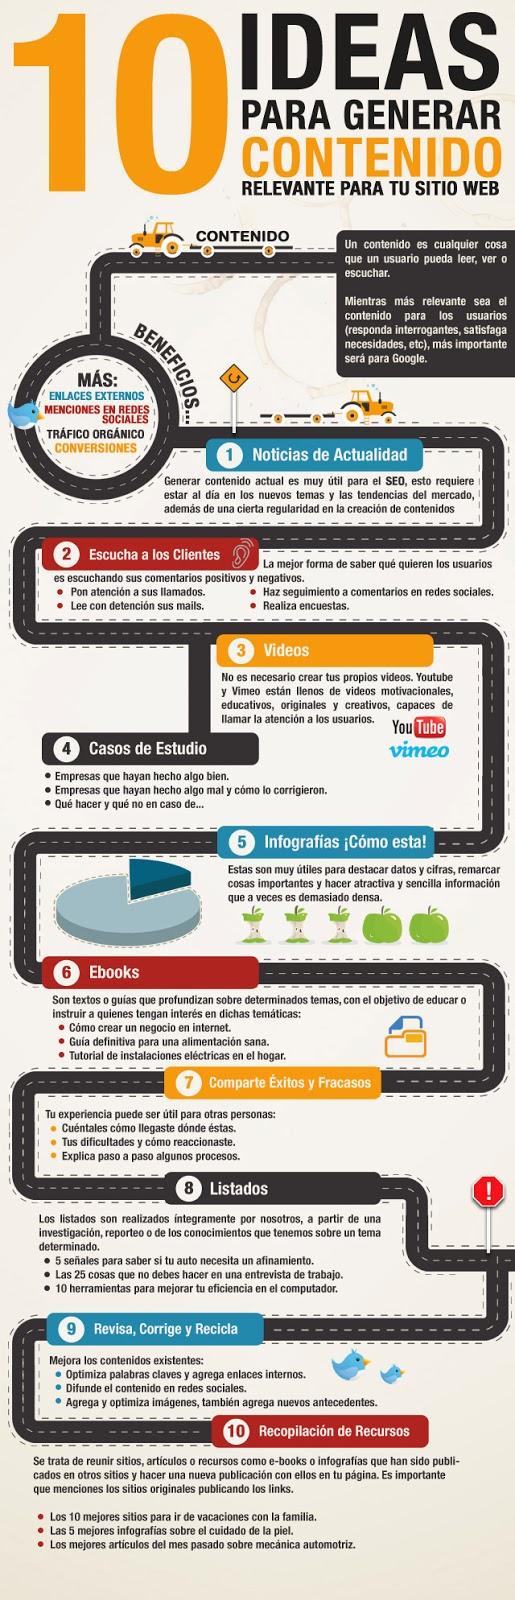 infografia-generar-contenido-calidad